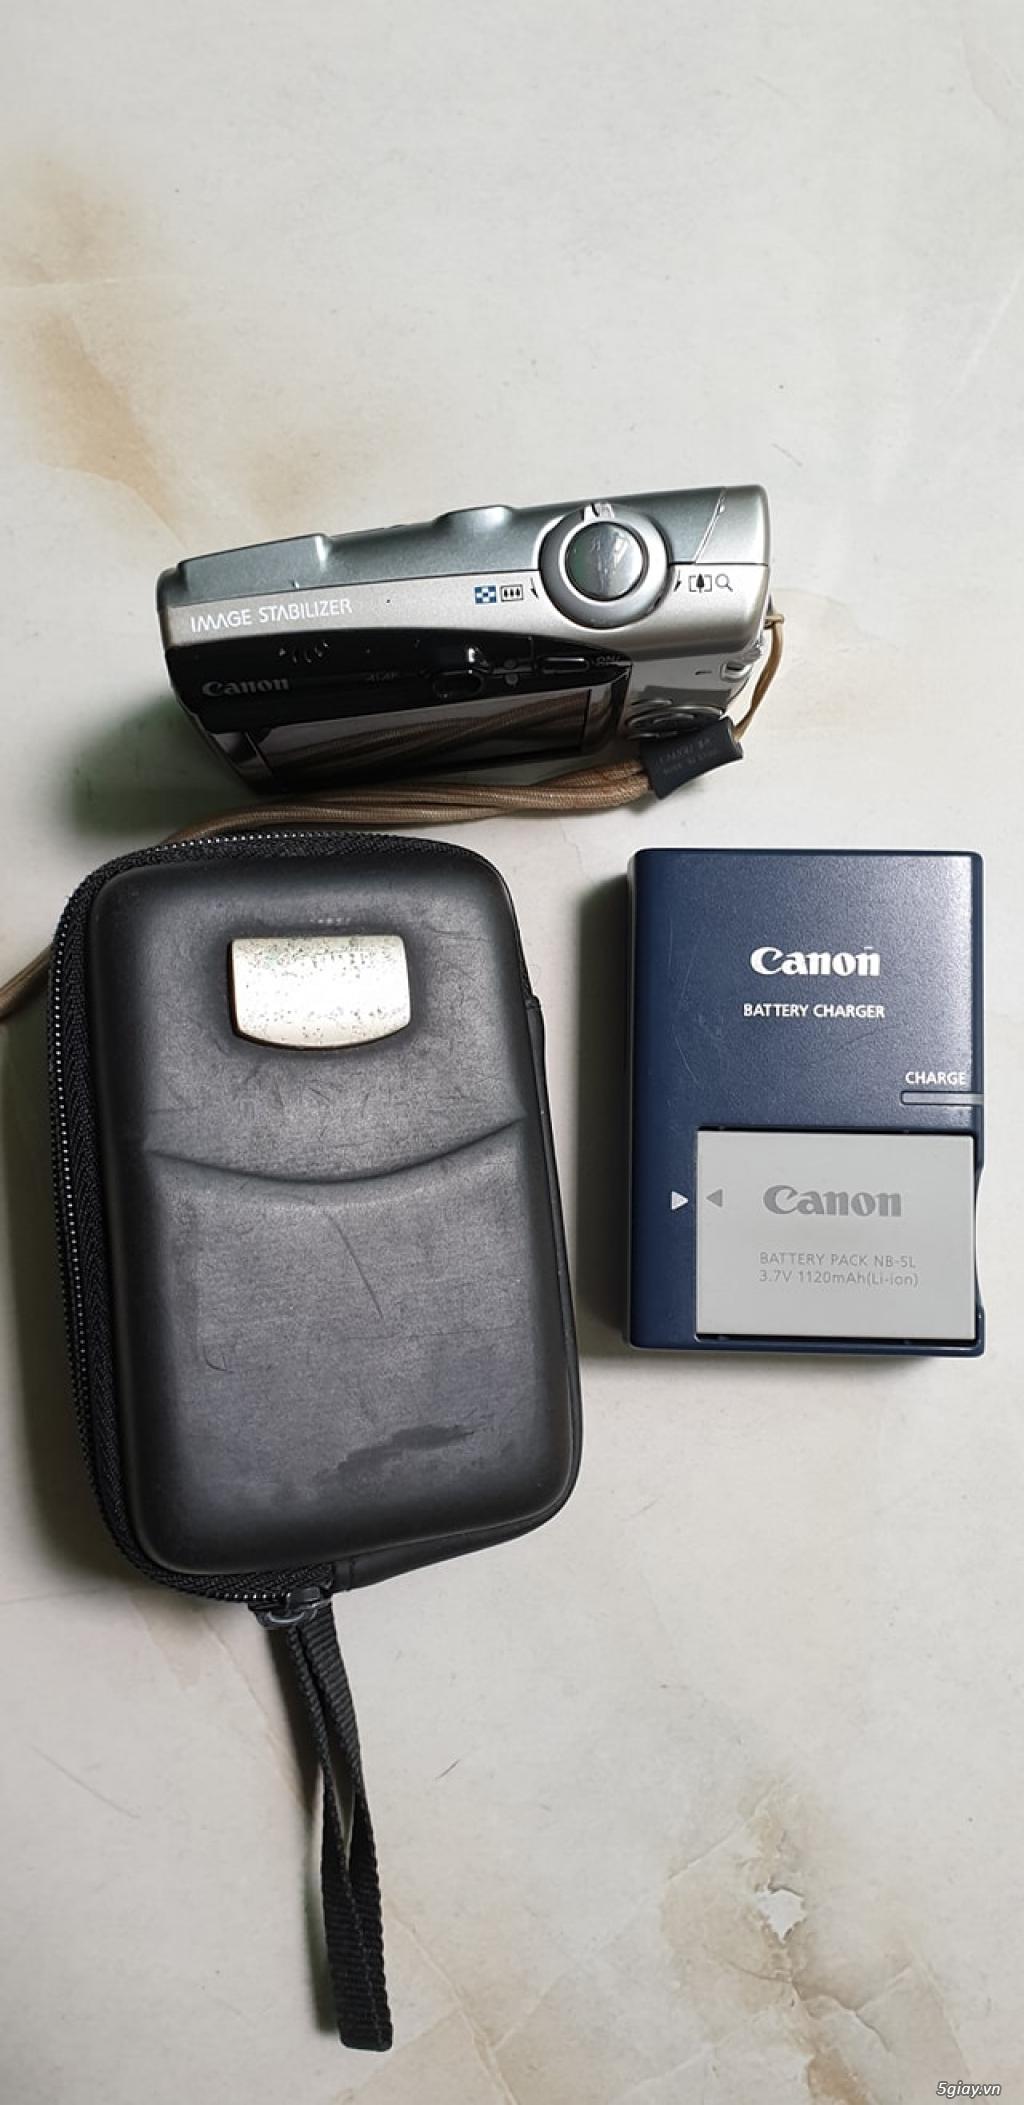 Bán máy ảnh Canon IXY 31 S và POWERSHOT SD700IS còn khá mới